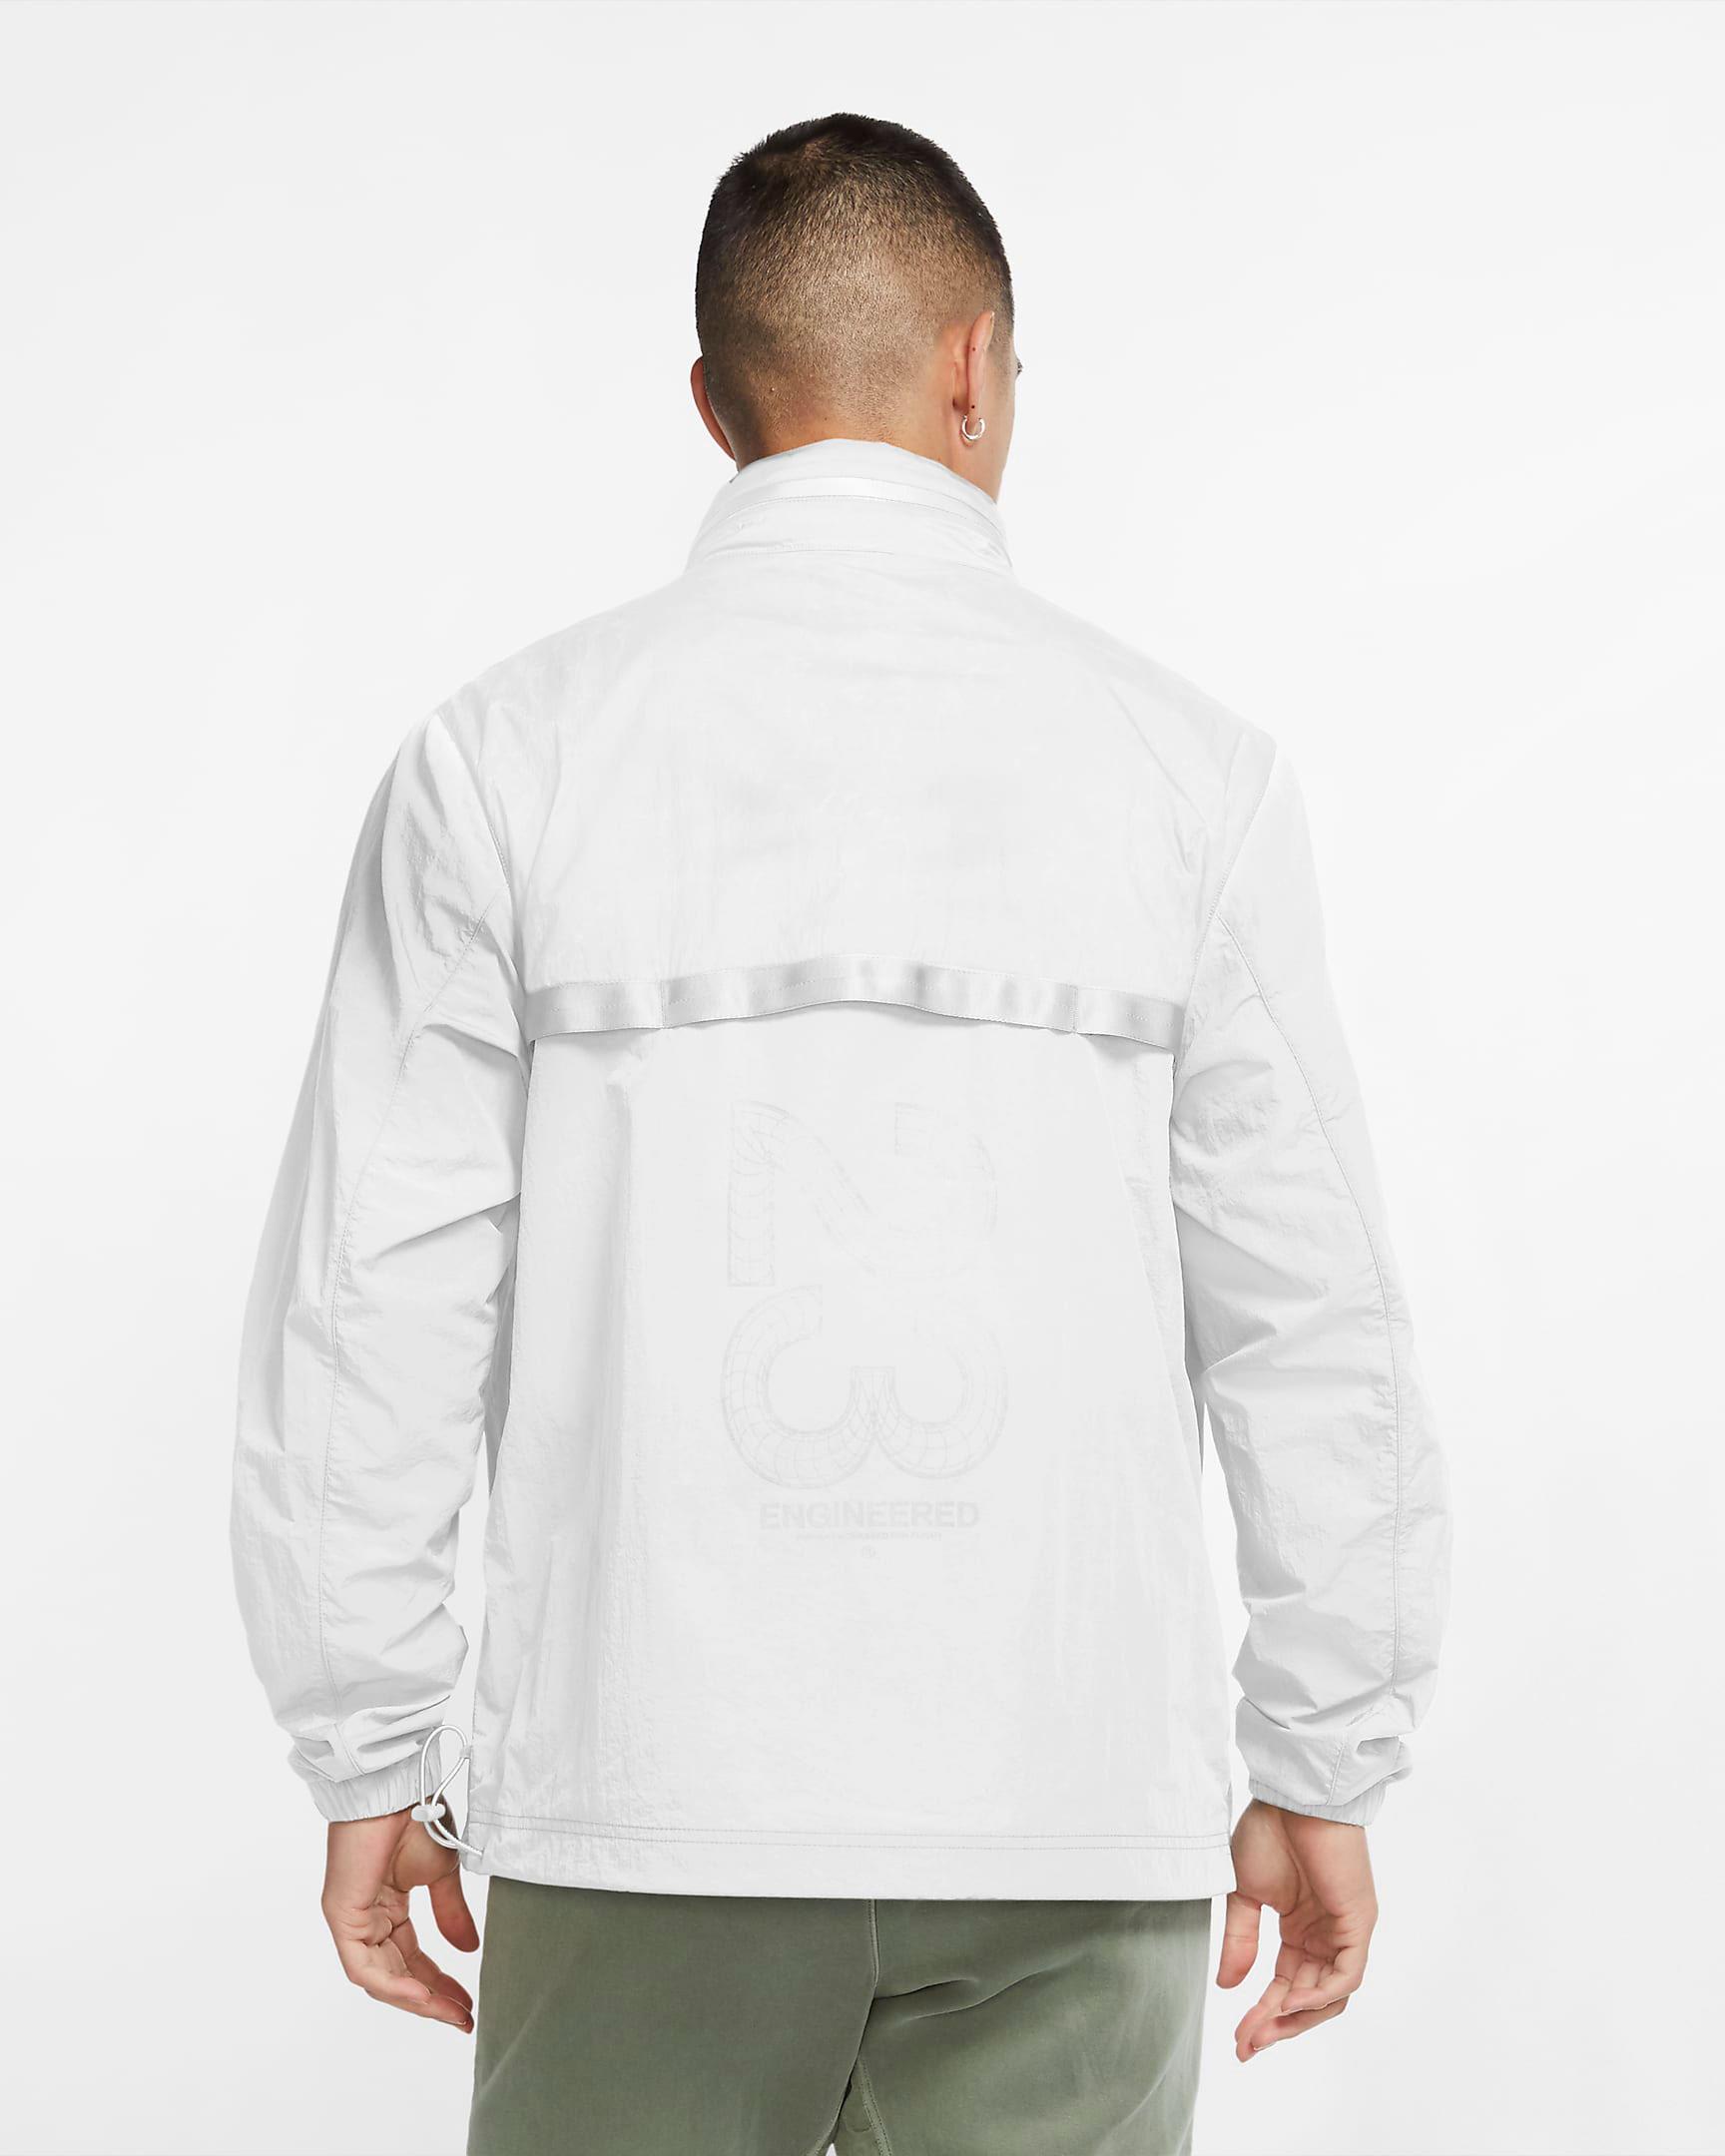 jordan-23-engineered-jacket-white-infrared-2